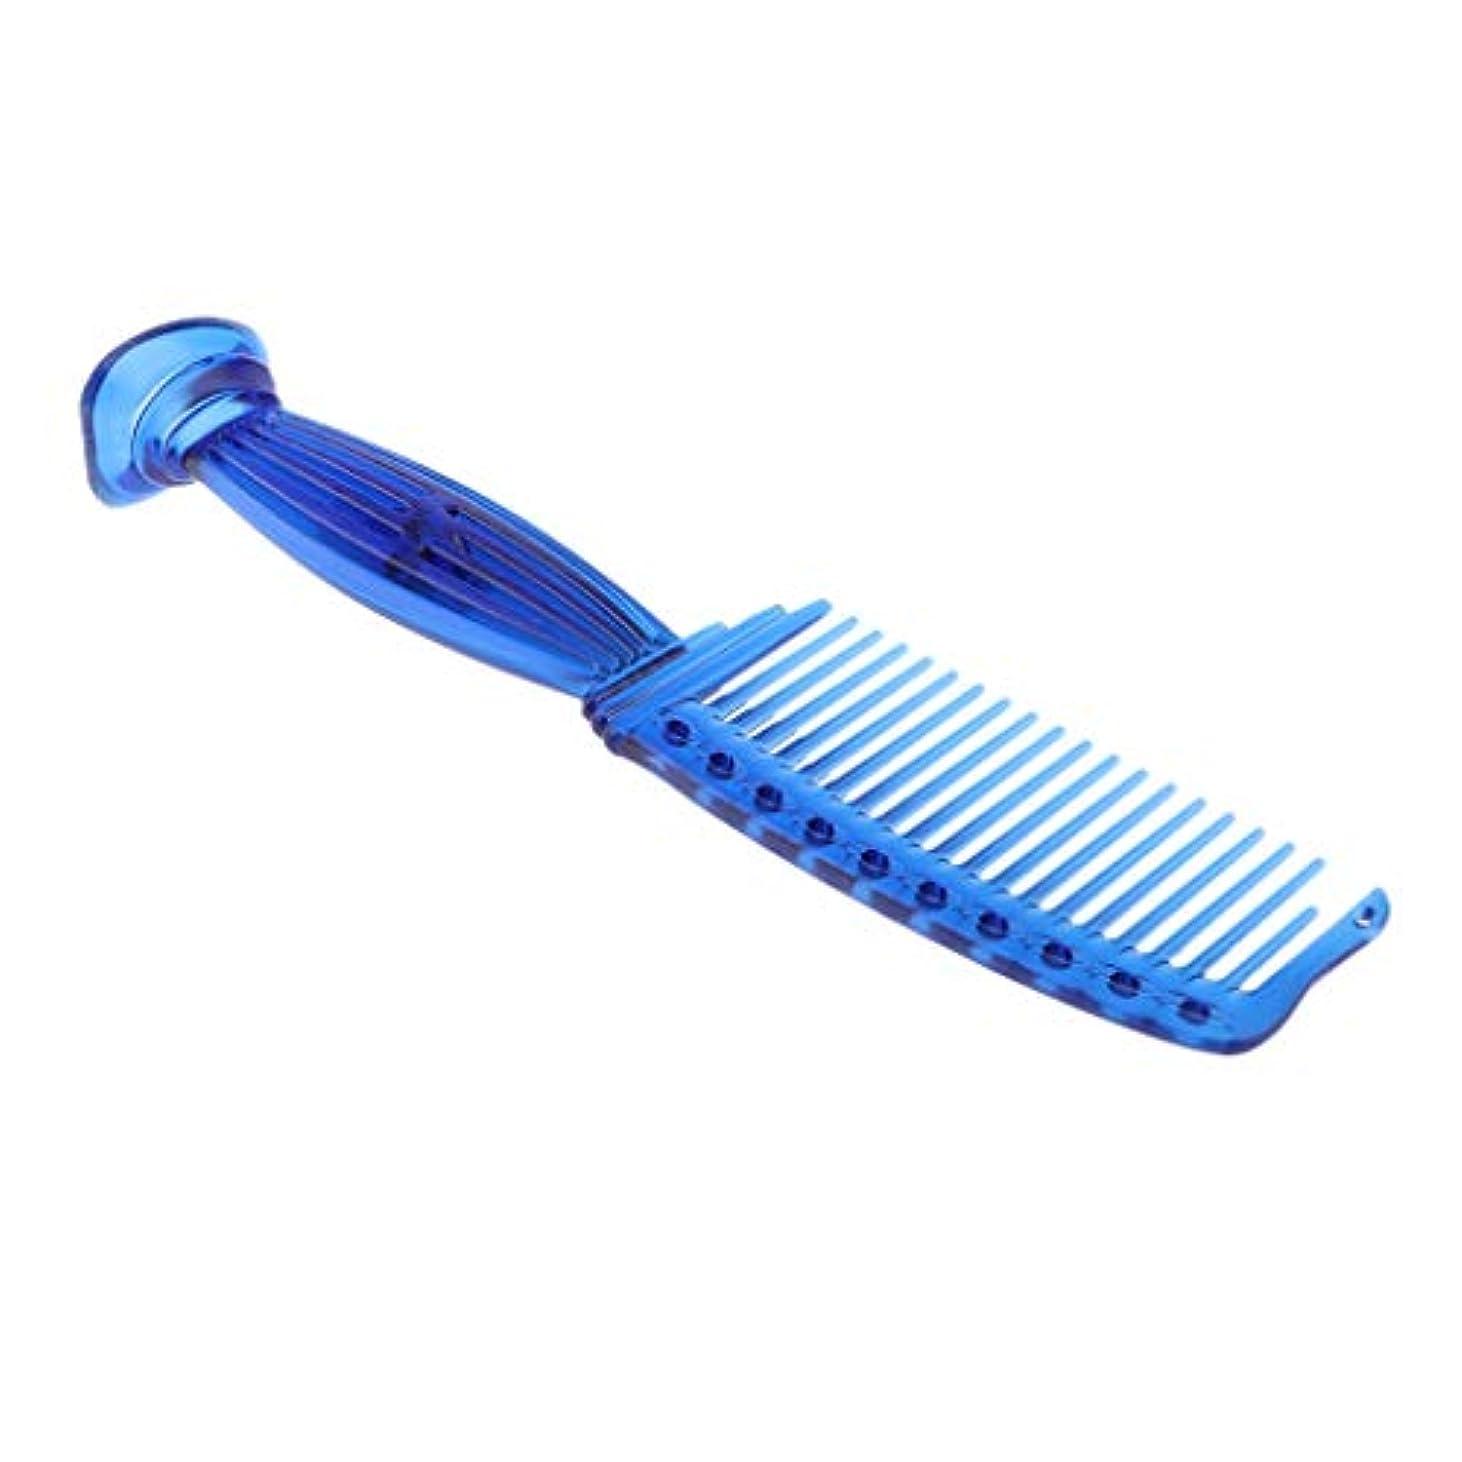 排除願望バブル櫛 ワイド歯 スムースコーム プラスチック ヘアブラシ 5色選べ - 青